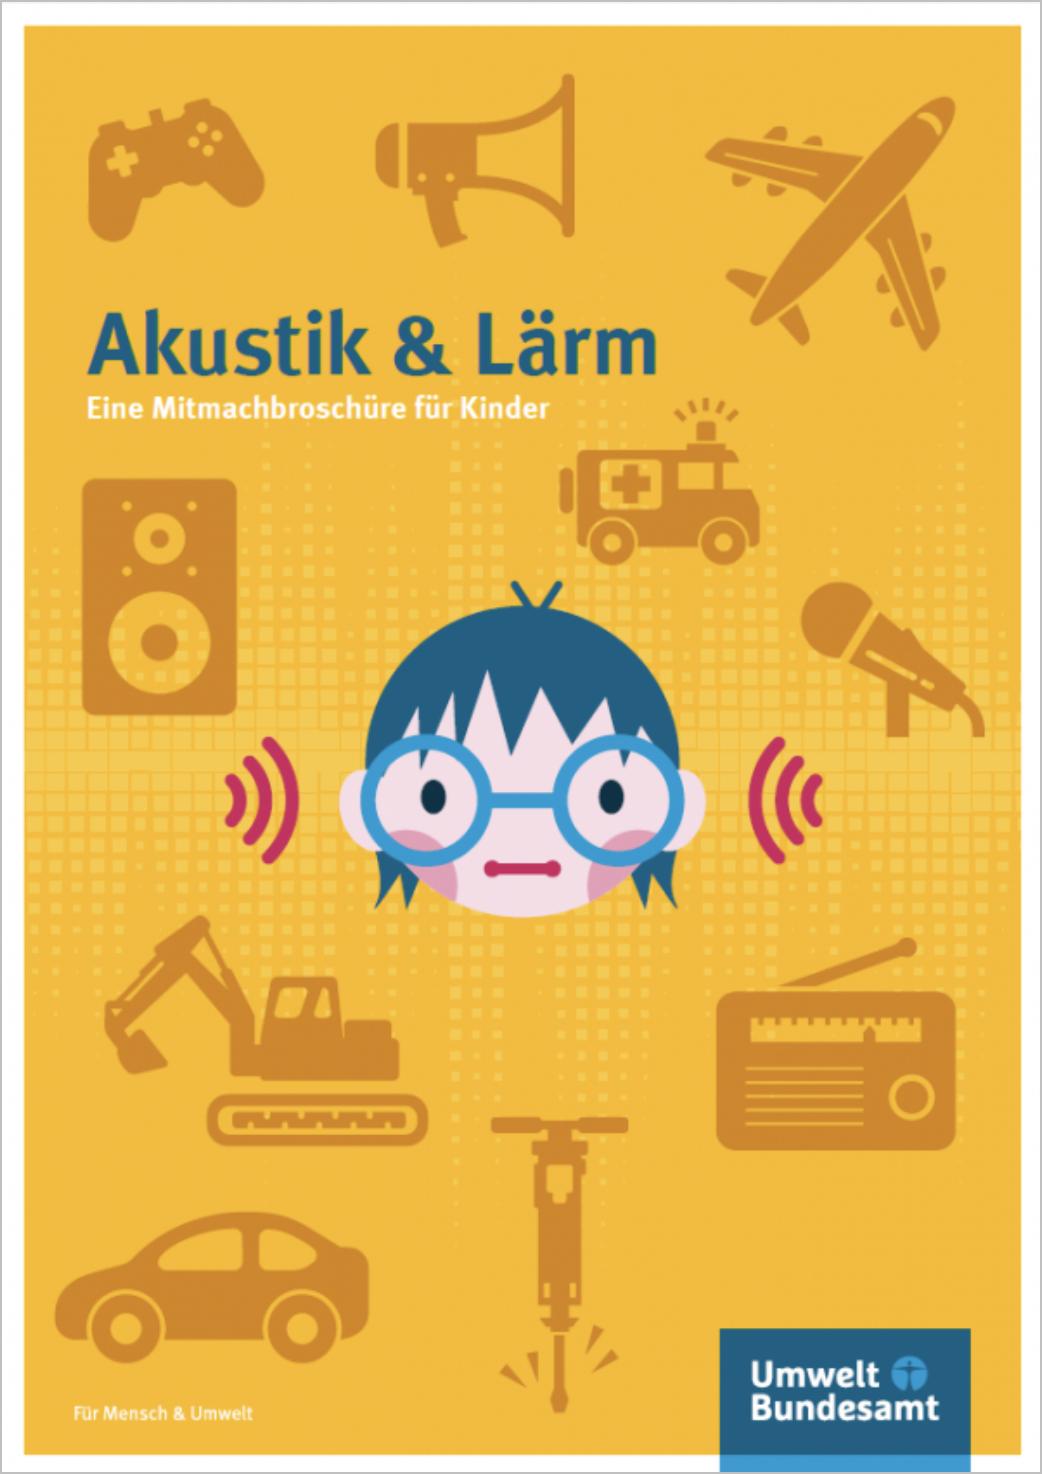 """Akustik & Lärm: Eine Mitmach-broschüre für Kinder - In dem vorliegenden Bildungsmaterial wird das Thema """"Lärm"""" aus verschiedenen Perspektiven beleuchtet. Die Schülerinnen und Schüler lernen das Ohr, den Hörvorgang und die einfachen Grundlagen der Akustik kennen, welche sich spielerisch veranschaulichen lassen. Sie erfahren weiterhin, welche Auswirkungen Lärm auf sie selbst und ihre Umwelt hat und wie man diese Belastung durch eigenes Handeln und Rücksichtnahme vermindern kann.Die Broschüre ist für den Grundschulunterricht gedacht. Viele kleine Experimente, Aufgaben, Rätsel und Spiele machen das Lernen über Hören und Lärm spannend. Eine Handreichung für Lehrerinnen und Lehrer enthält die Lösungen der einzelnen Aufgaben sowie Hinweise dazu.Umweltbundesamt, VÖ: 2014 -> Mehr Infos!"""